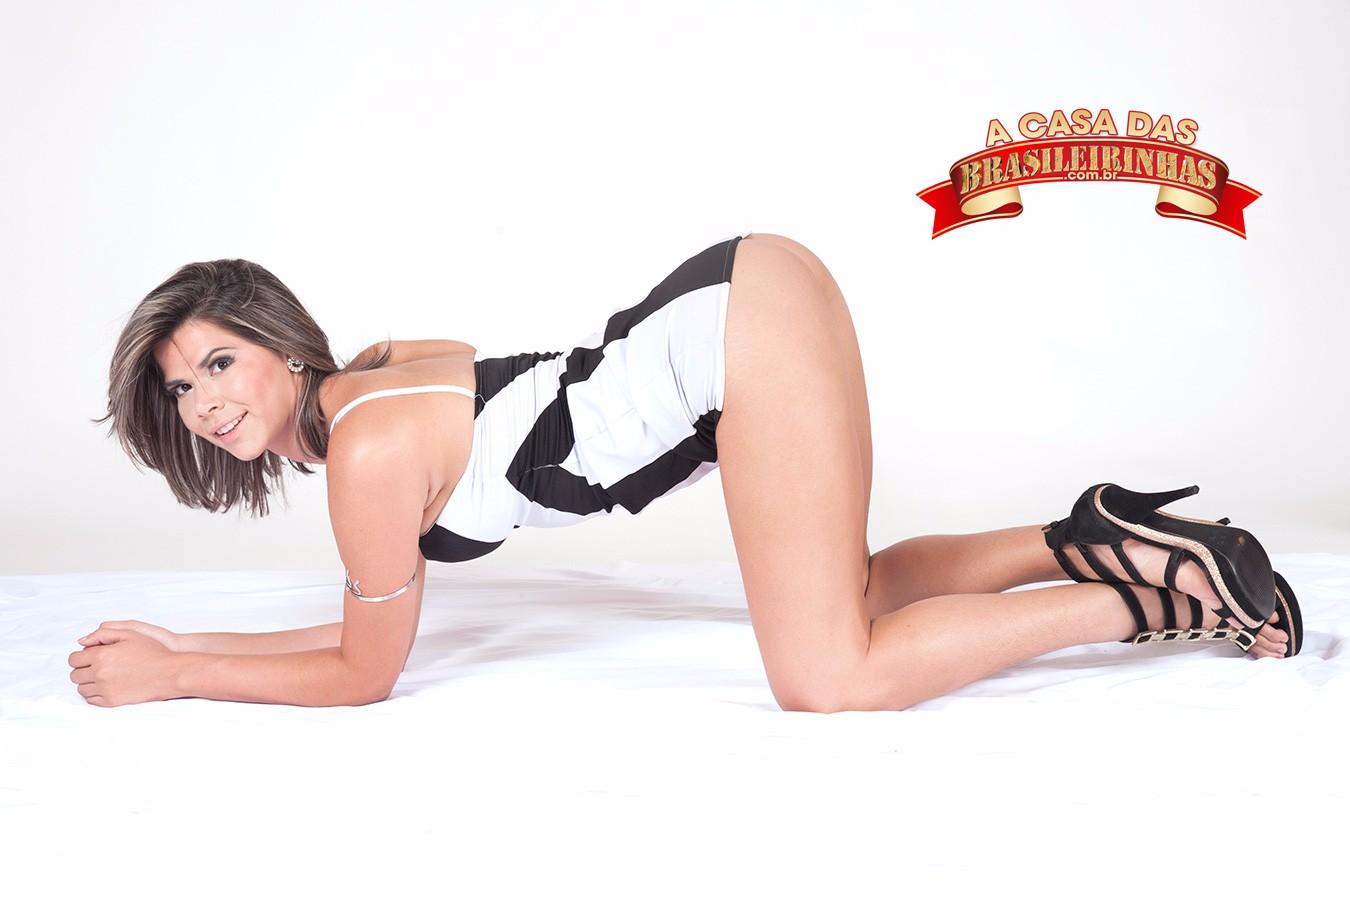 Emanuella-Martins-de-quatro.jpg